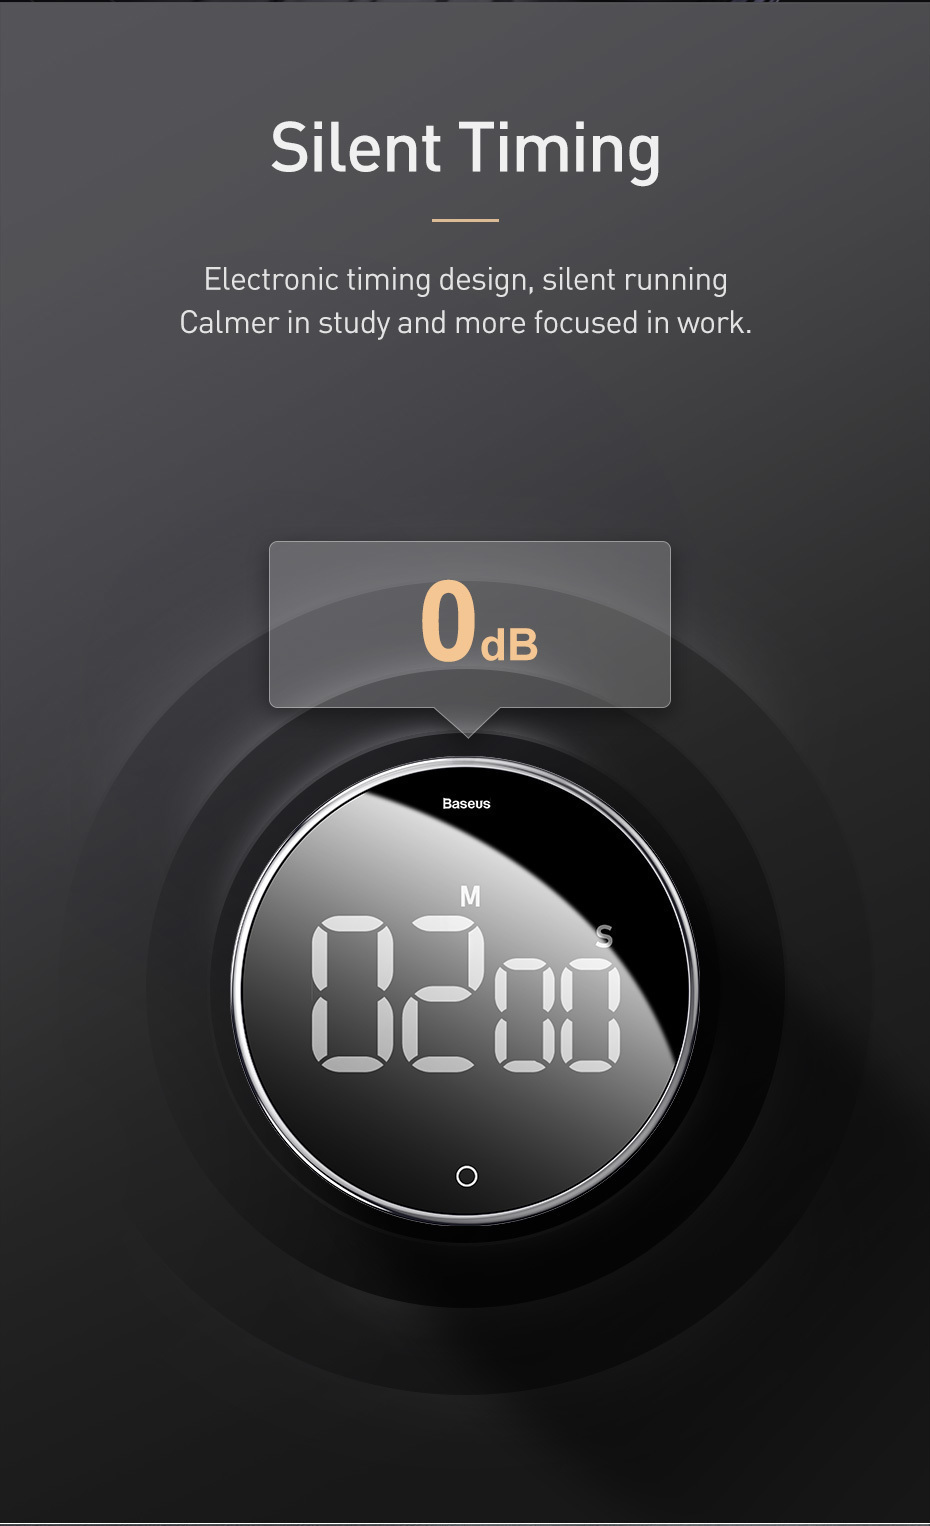 Baseus LED Digital Kitchen Timer For Cooking 7